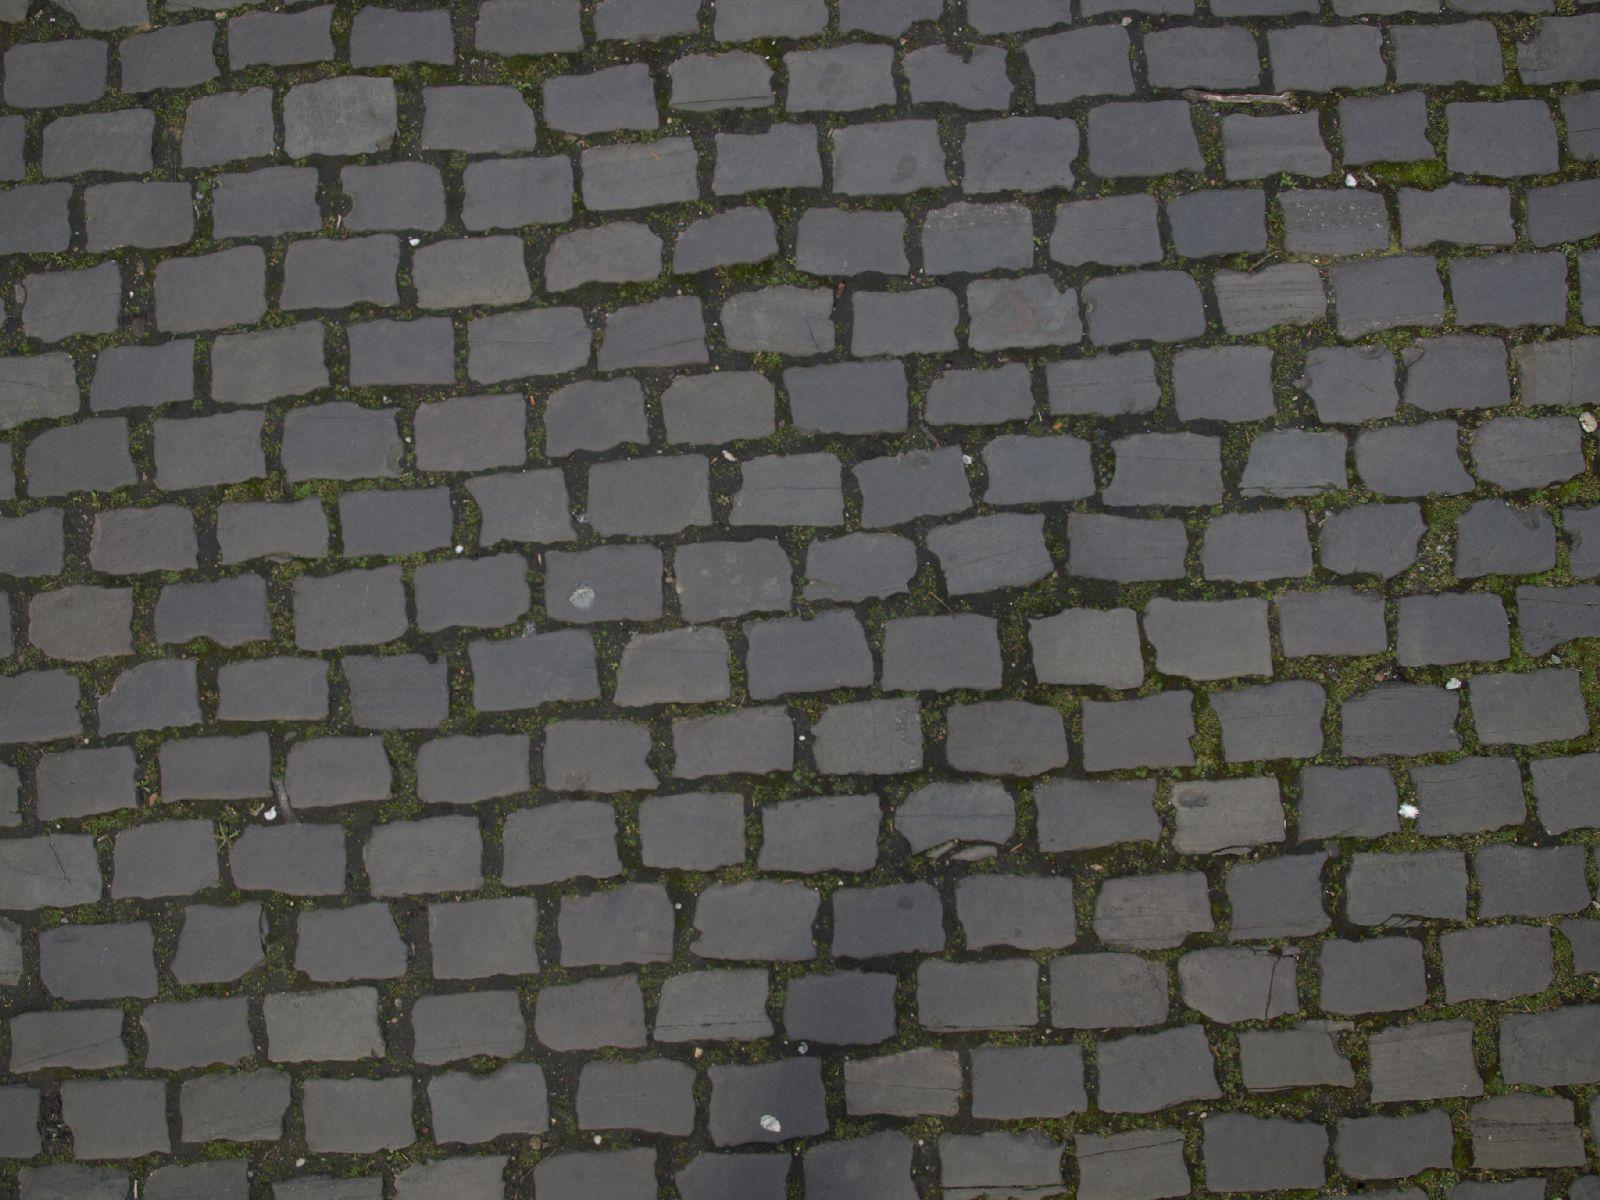 Ground-Urban_Texture_A_P4100525